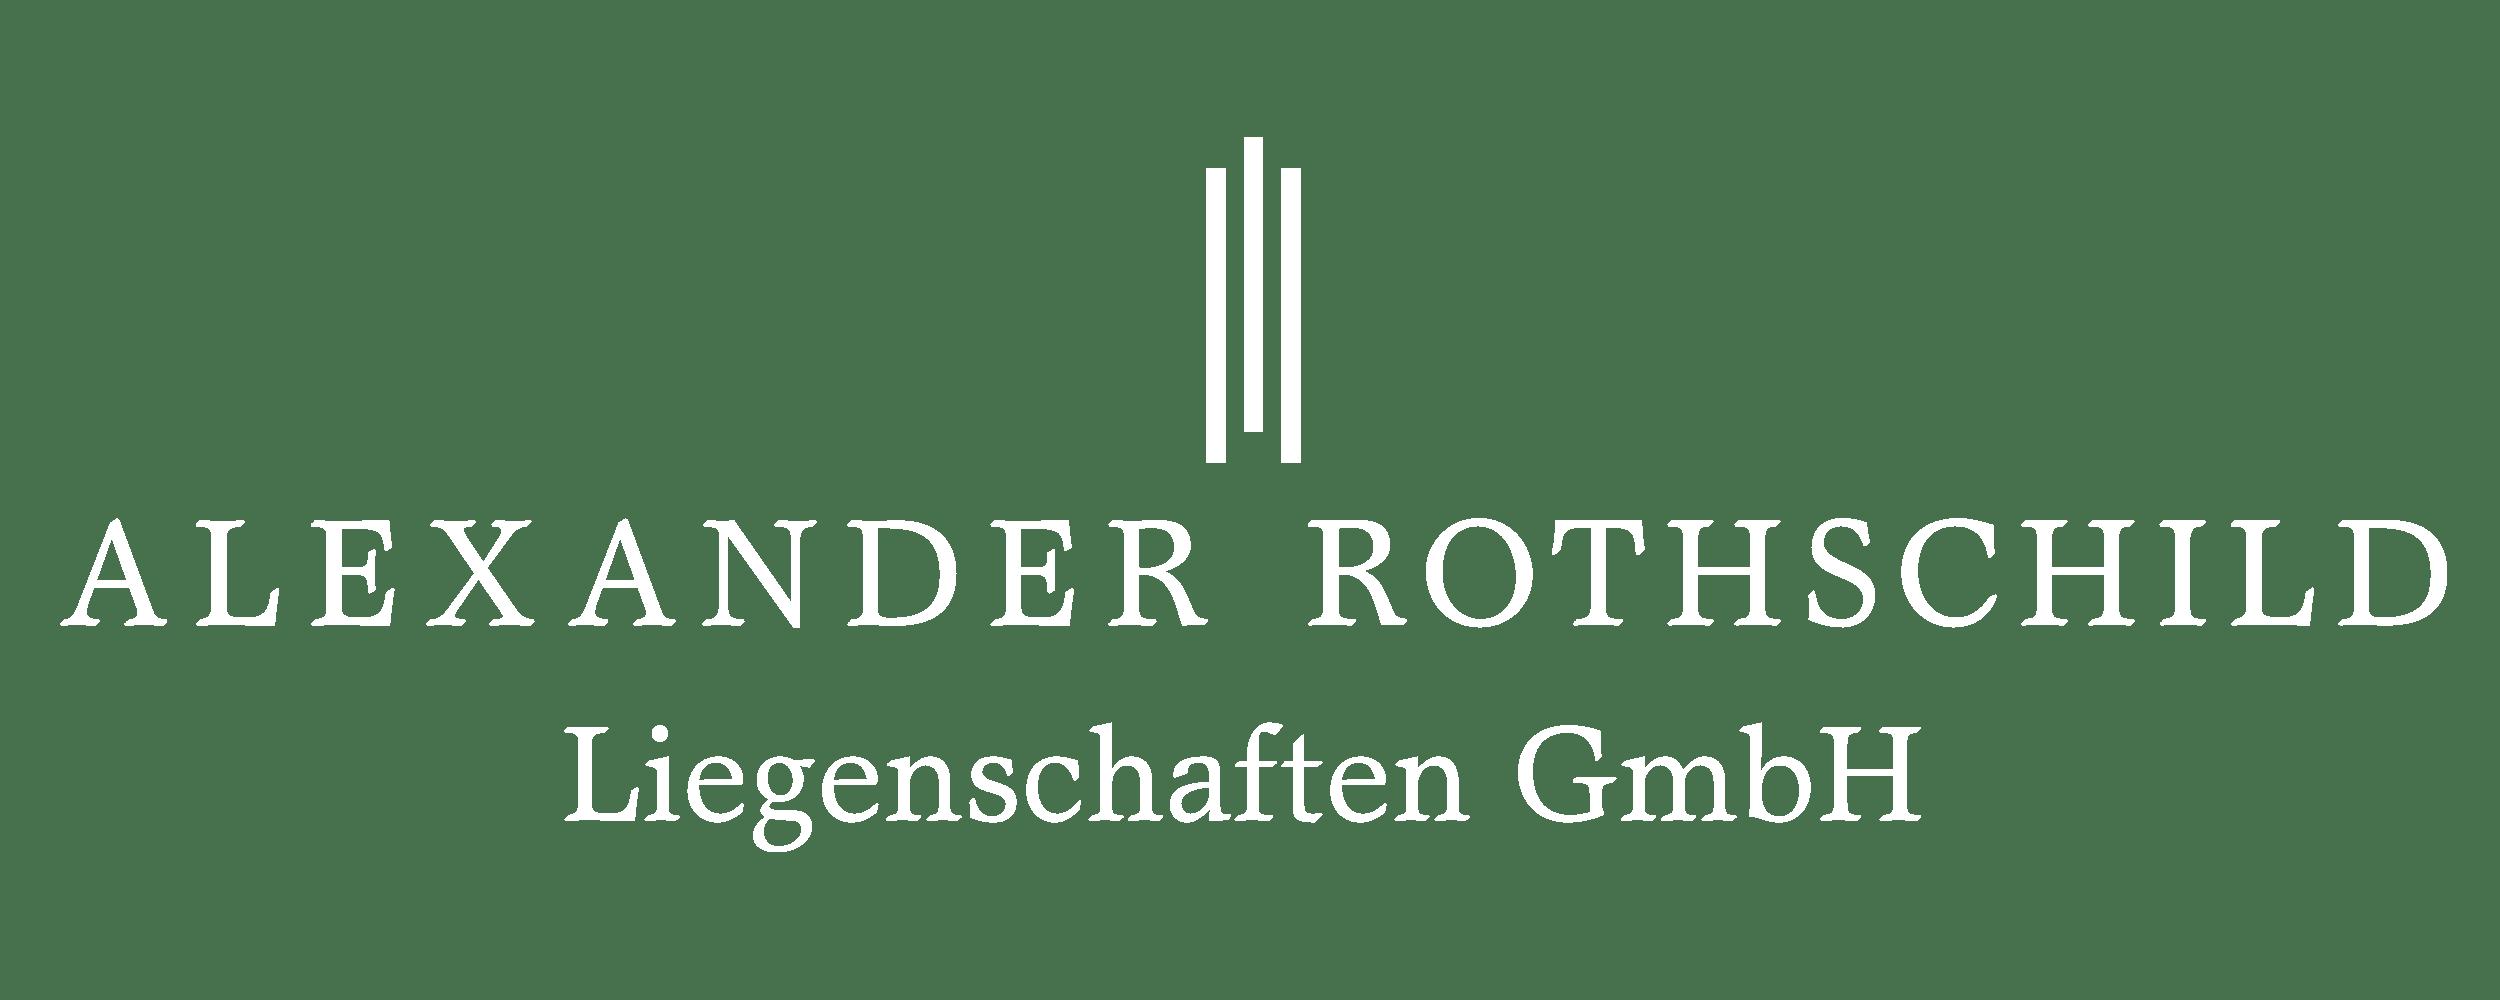 ALEXANDER ROTHSCHILD LIEGENSCHAFTEN GMBH